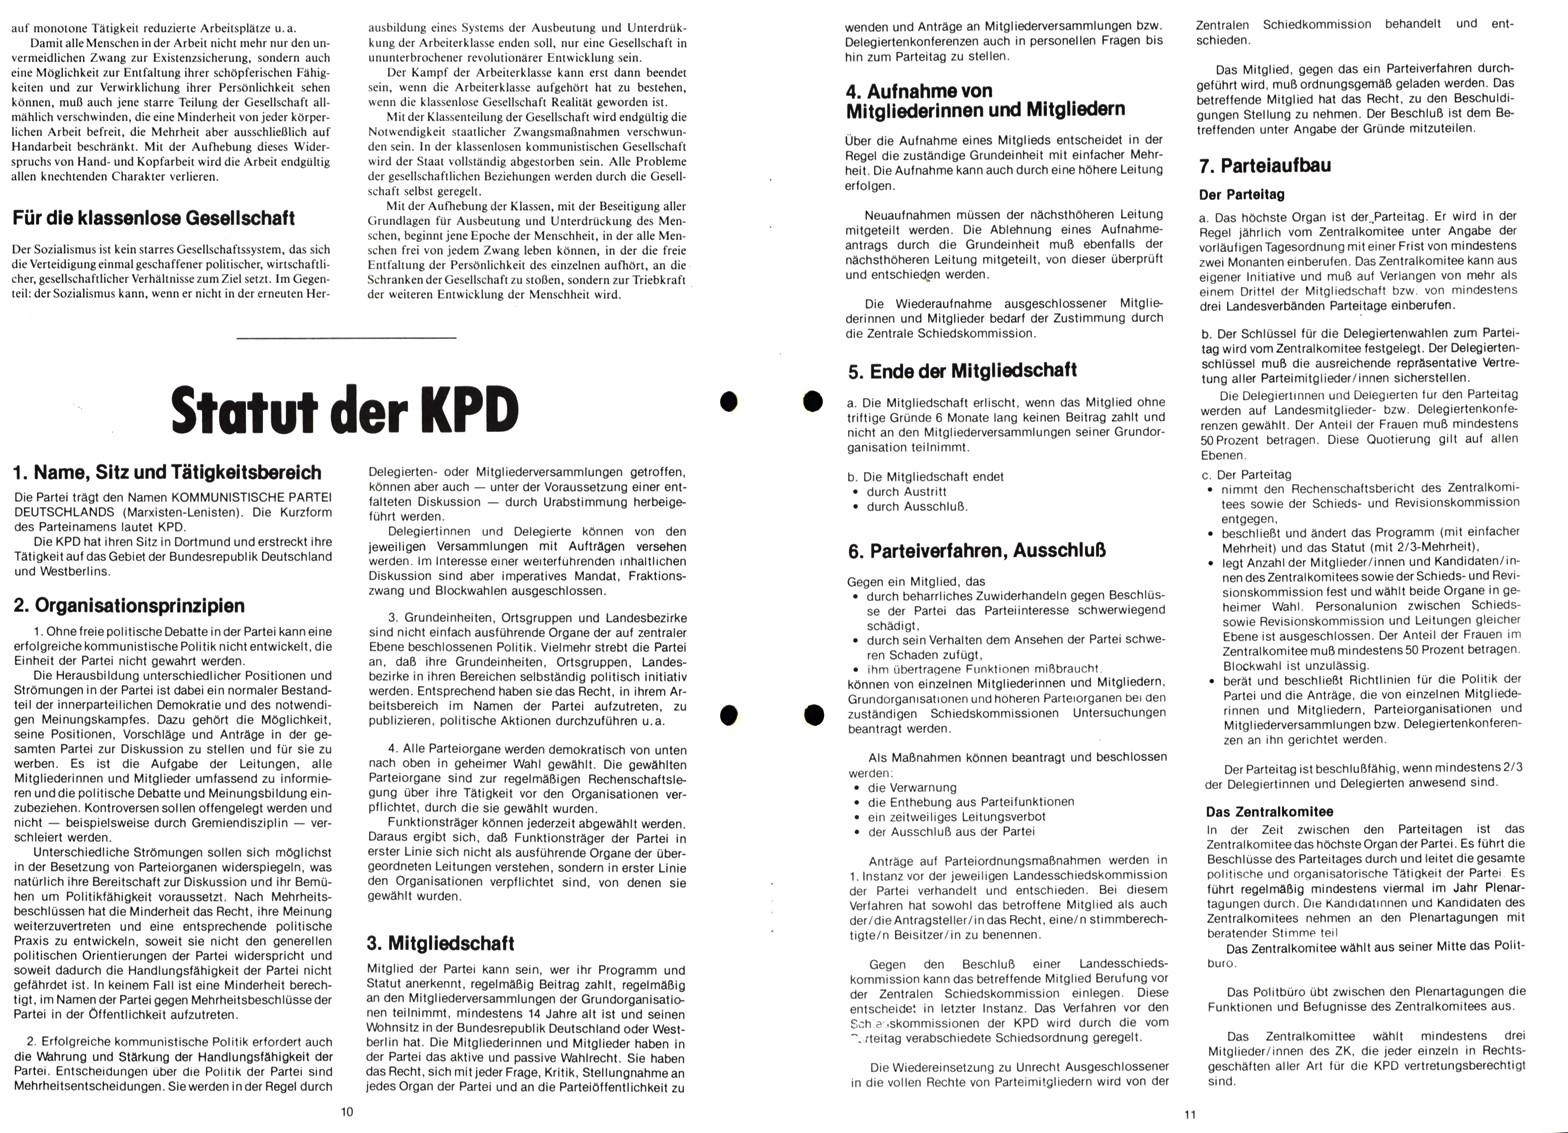 KPDML_1985_Dokumente_vom_Sonderparteitag_06